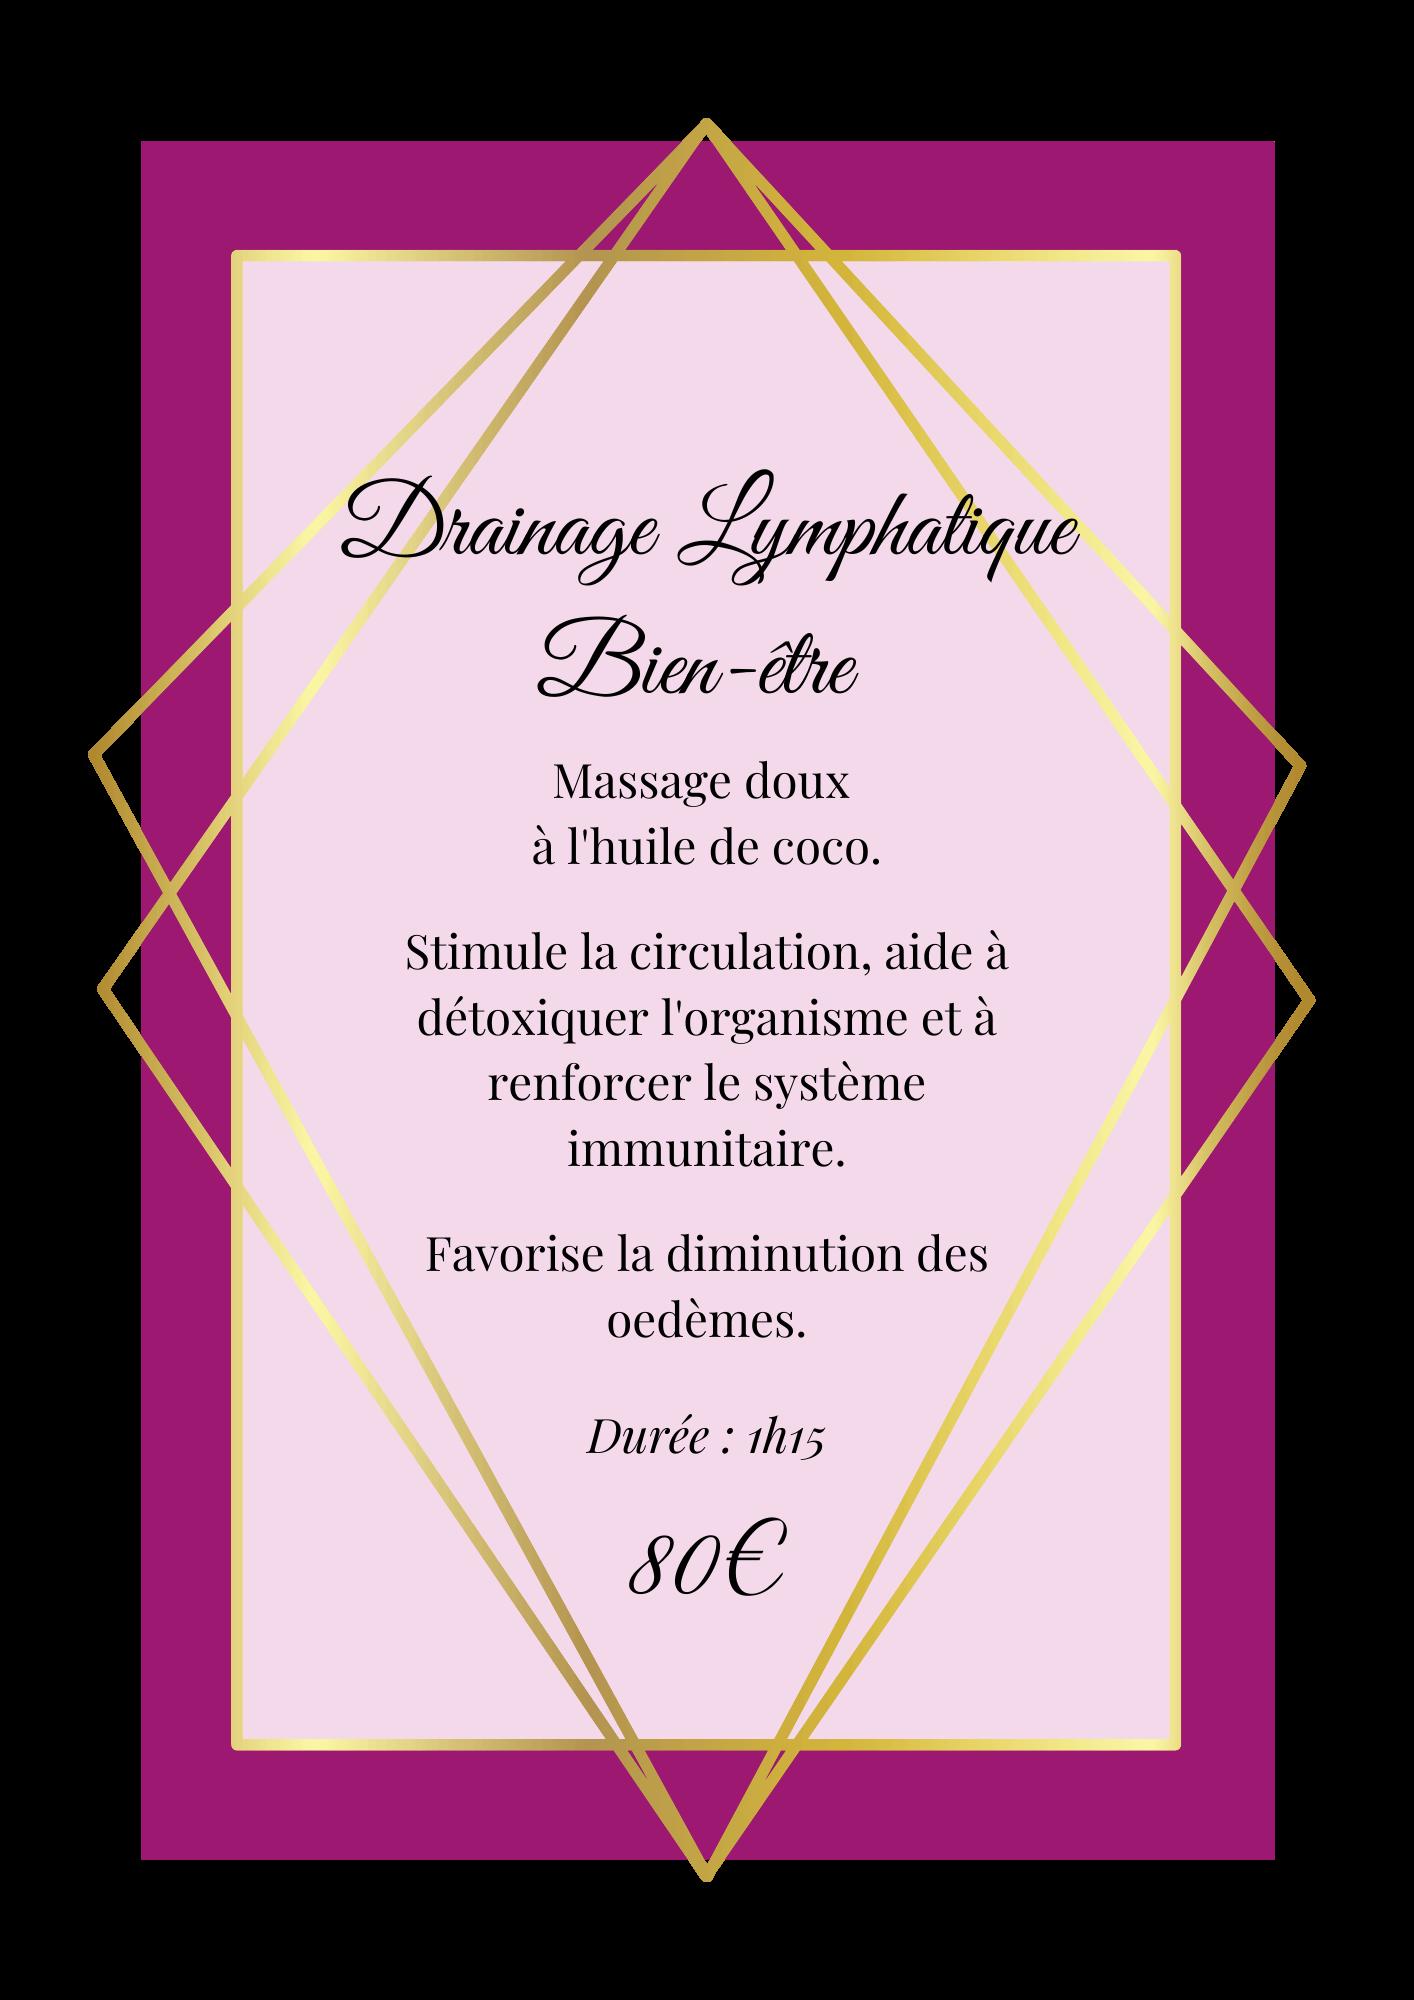 Audrey Boureau naturopathe laval 53 mayenne drainage lymphatique